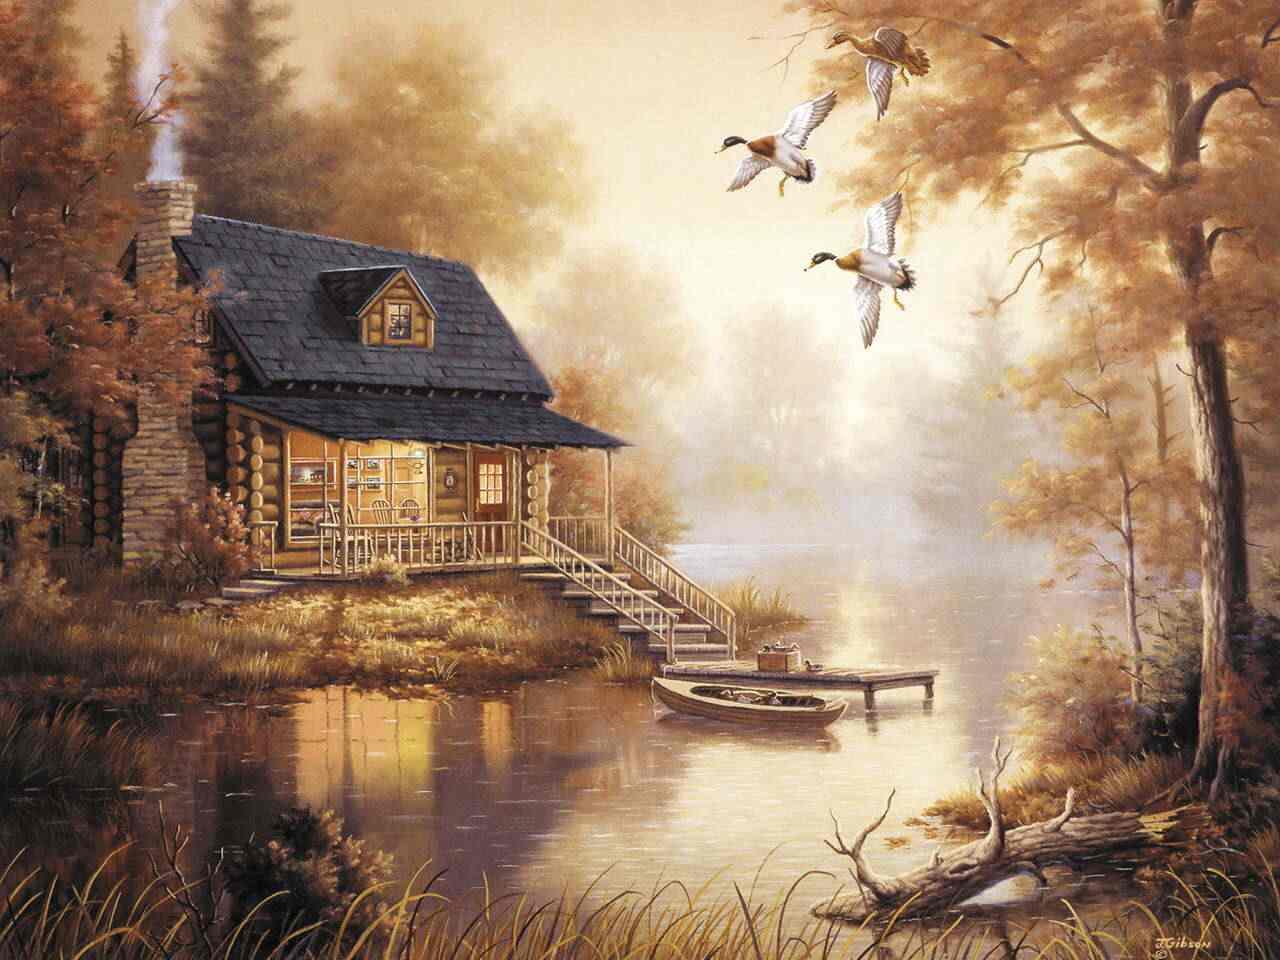 Картины домики, бесплатные фото, обои ...: pictures11.ru/kartiny-domiki.html